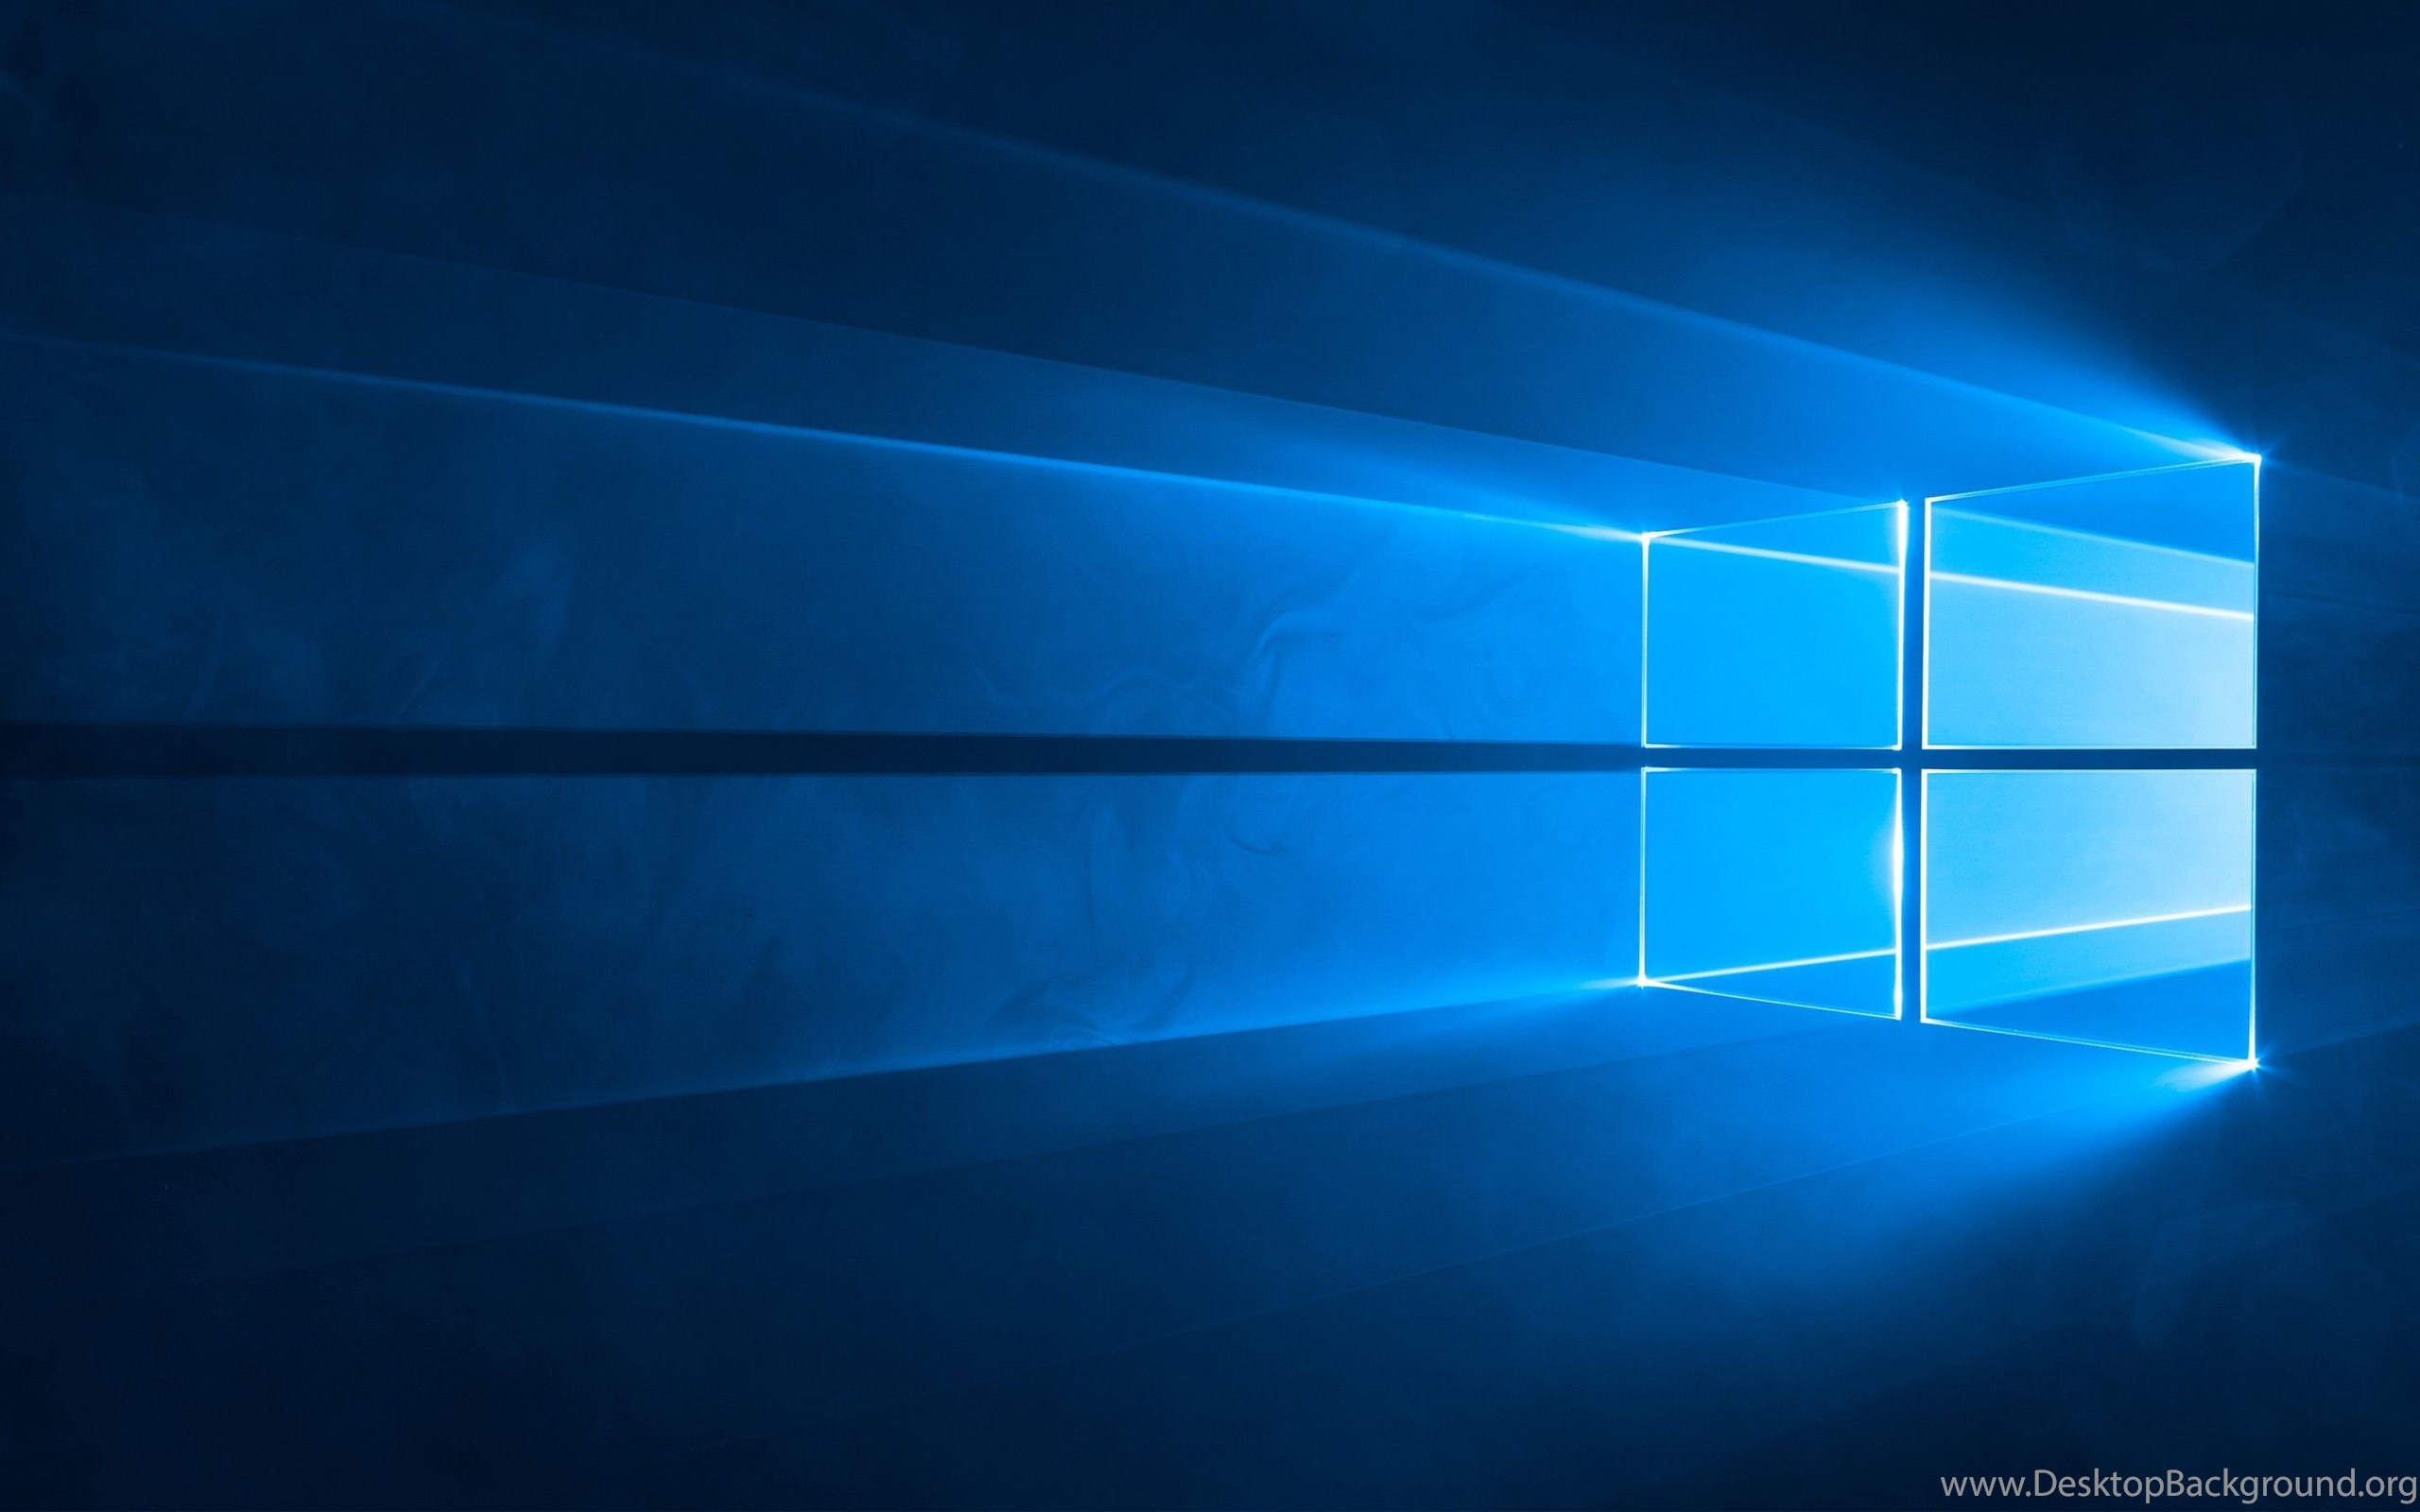 Программа для смены обоев рабочего стола в windows 10